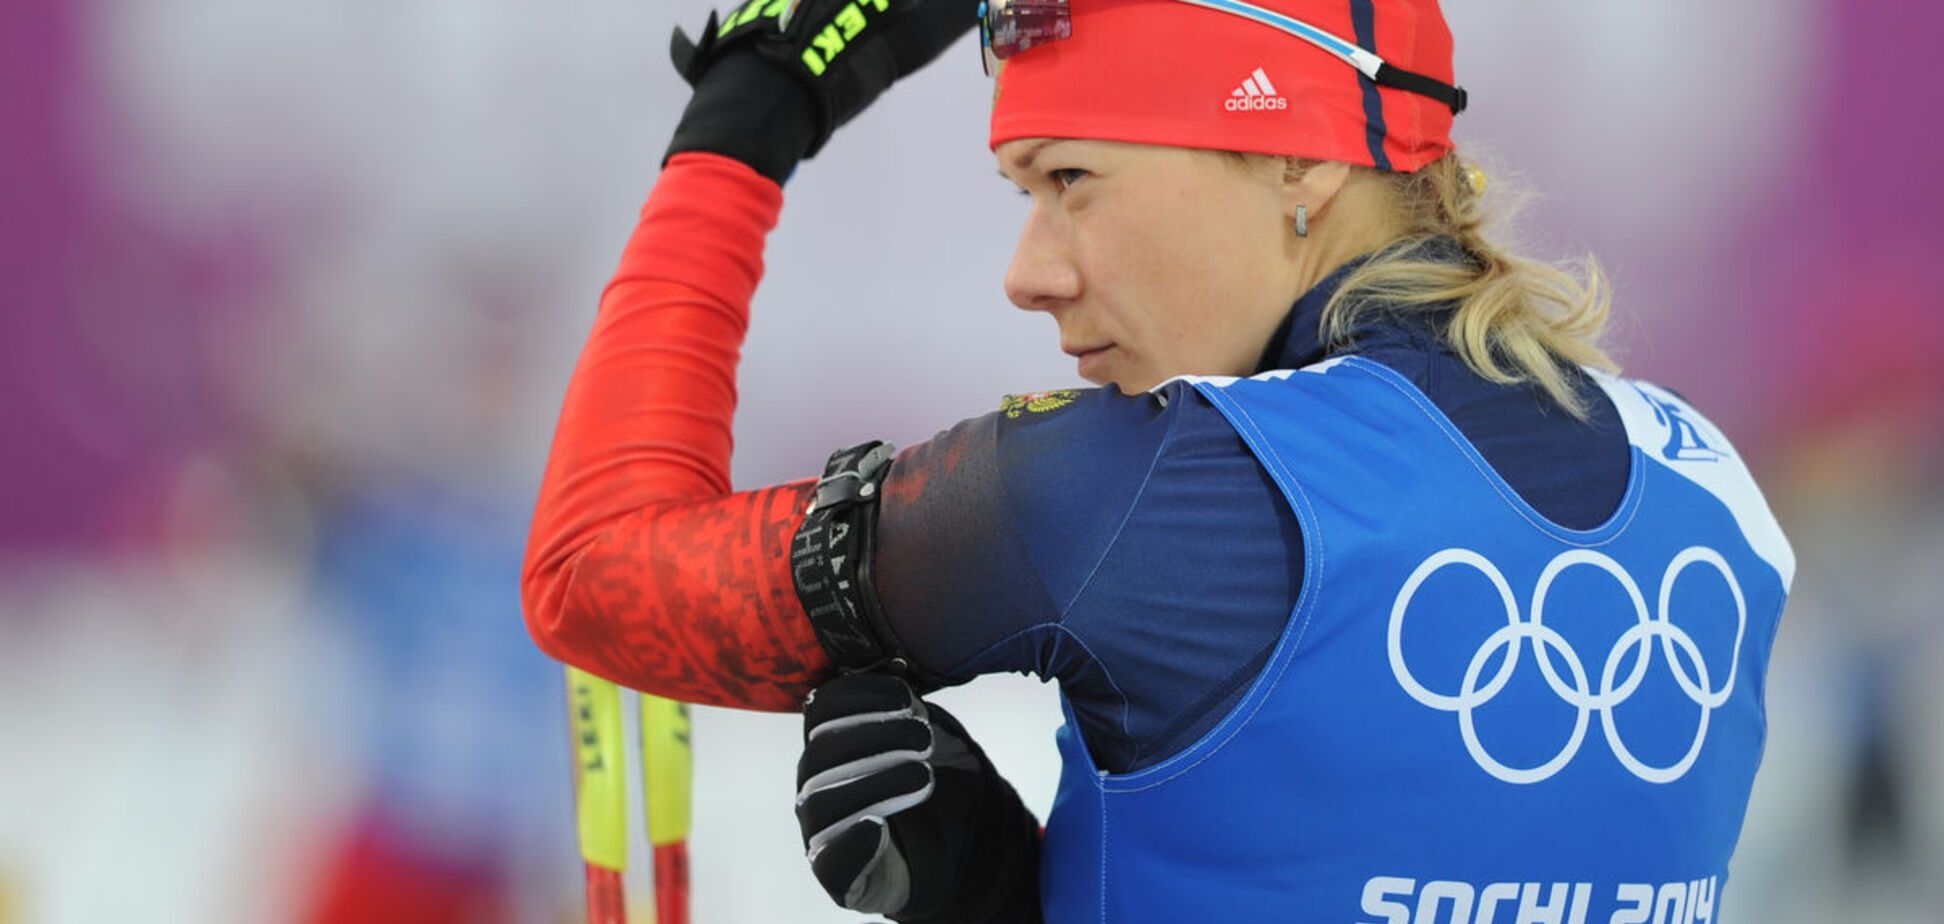 МОК висунув звинувачення знаменитій олімпійській чемпіонці з Росії